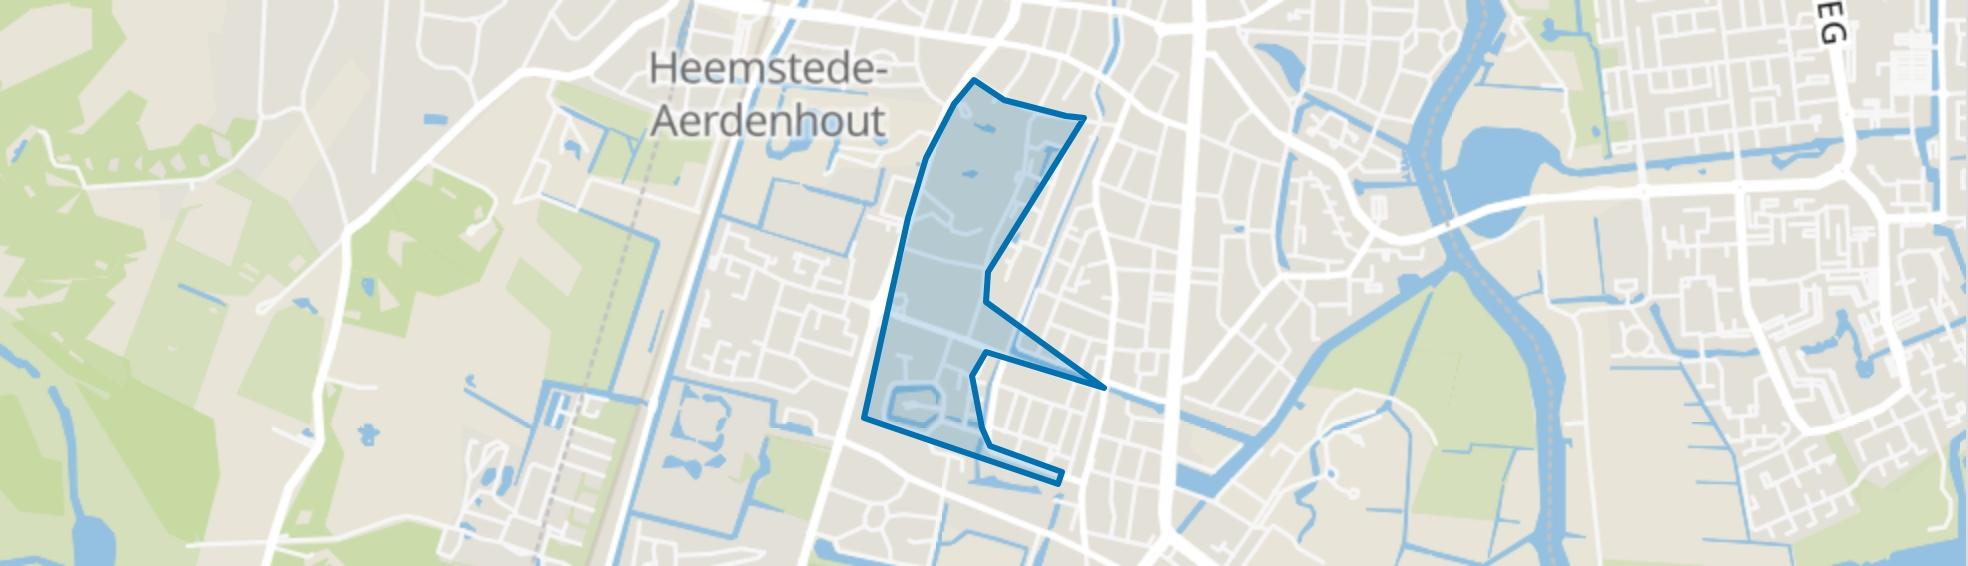 Kennemerduin en omgeving, Heemstede map